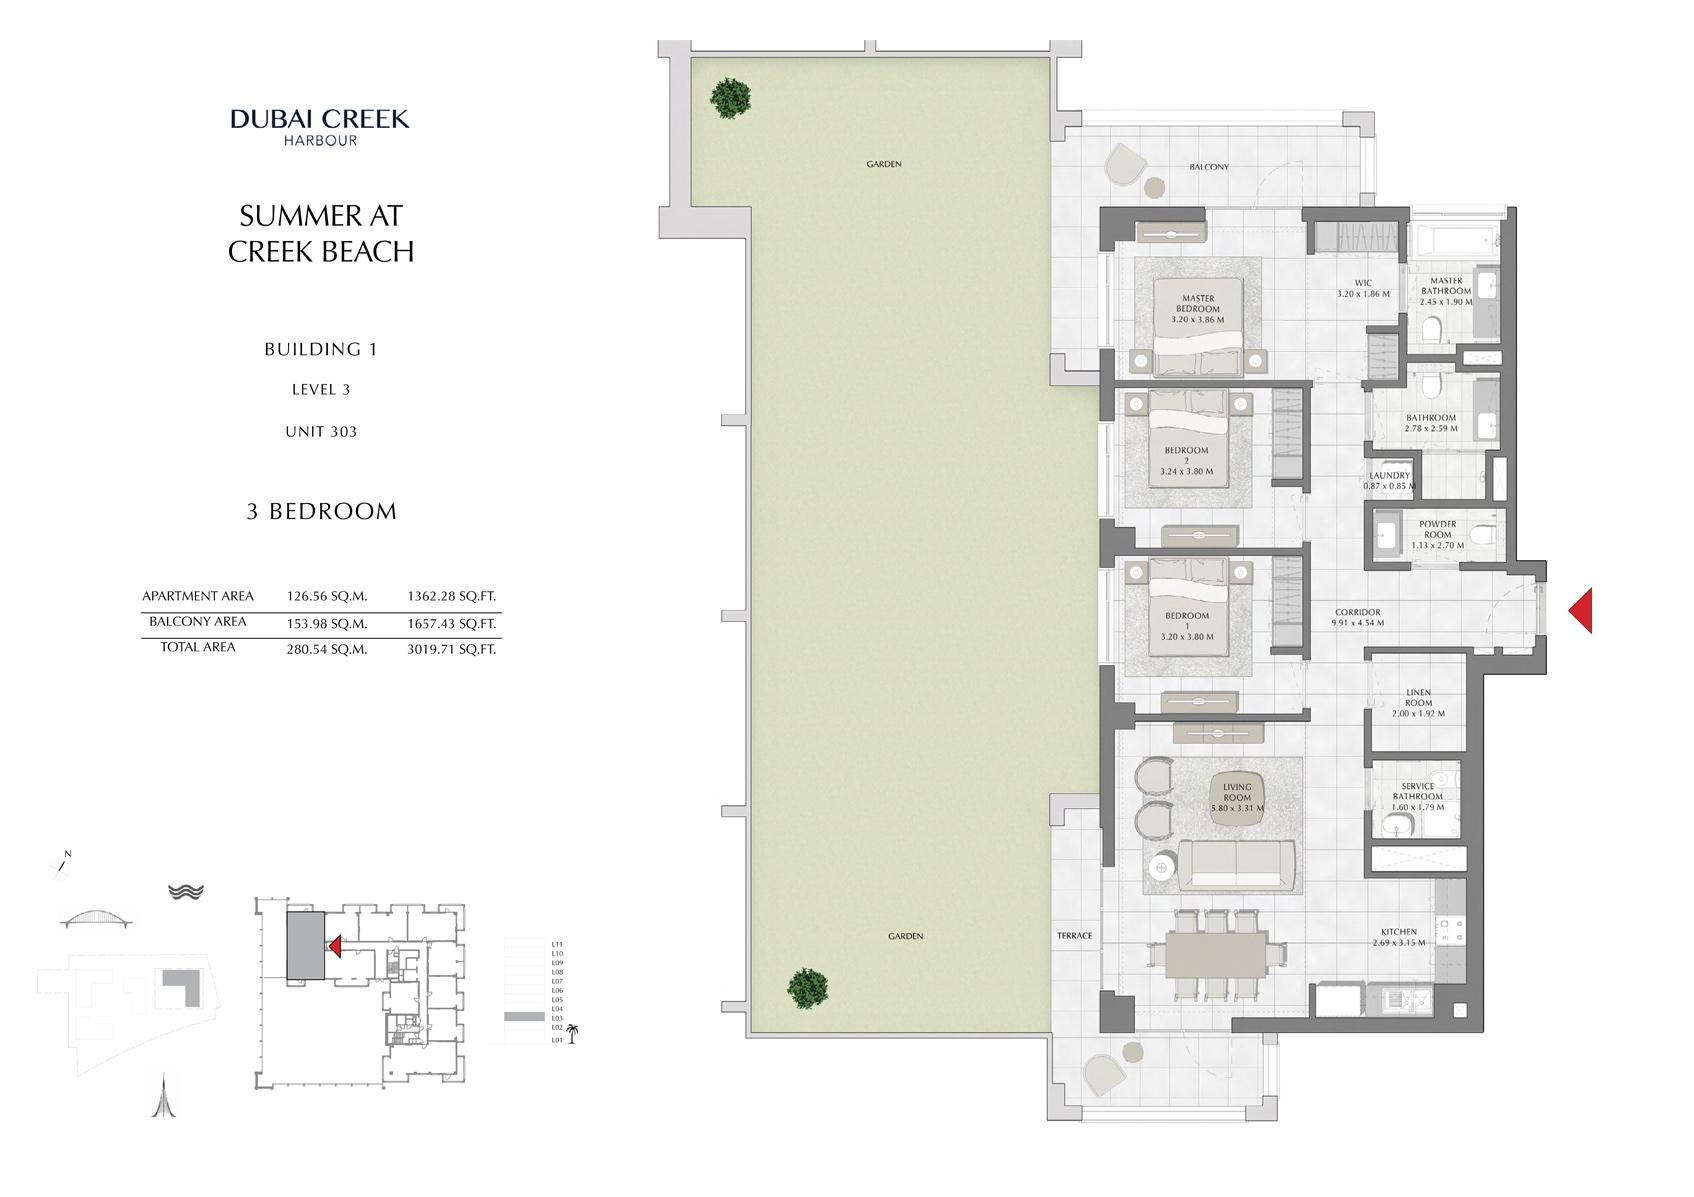 3 Br Building 1 Level 3 Unit 303, Size 3019 Sq Ft